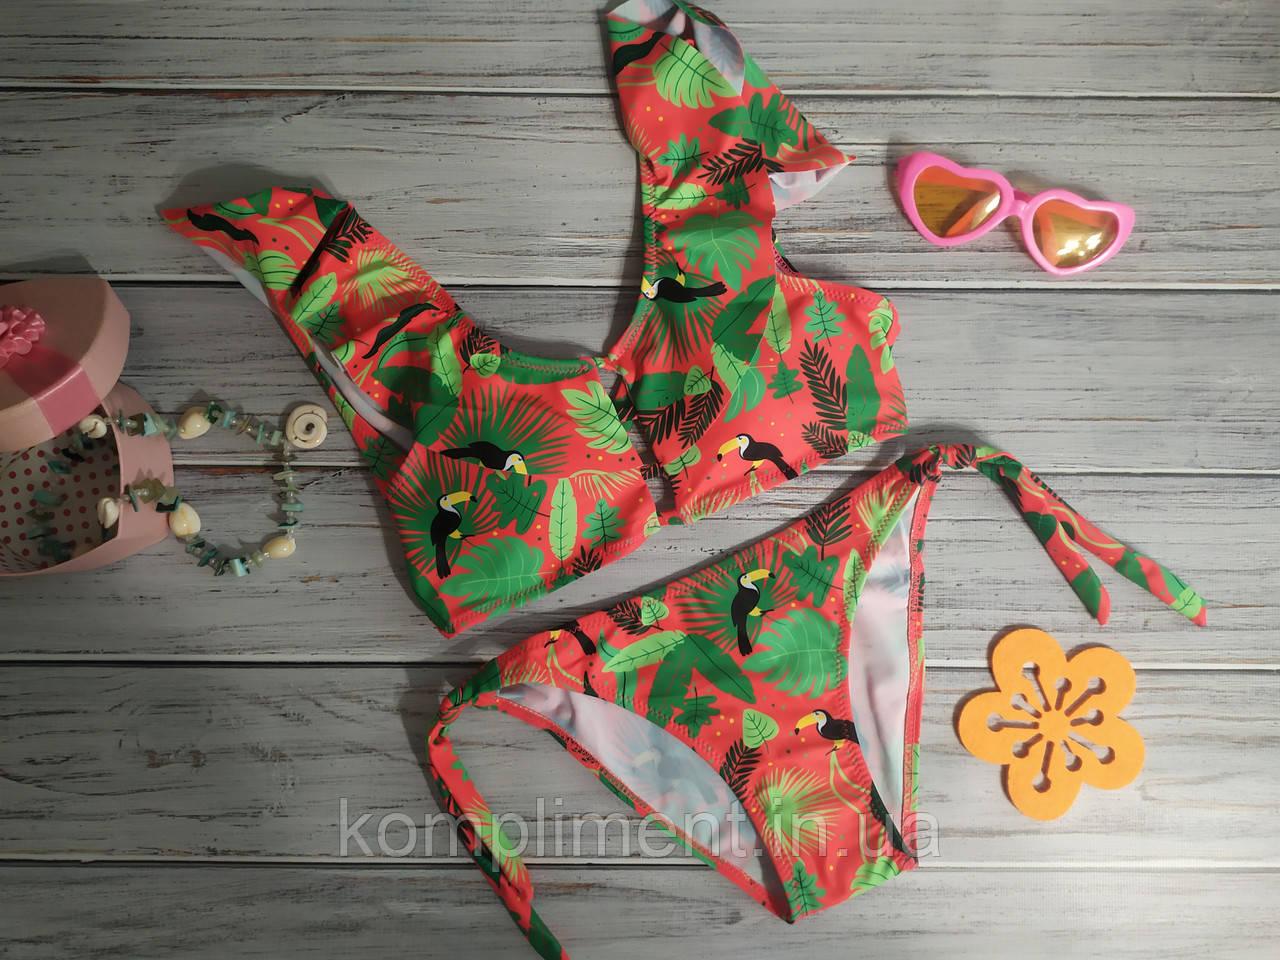 Модный яркий раздельный купальник для девочки подростка с рюшами.